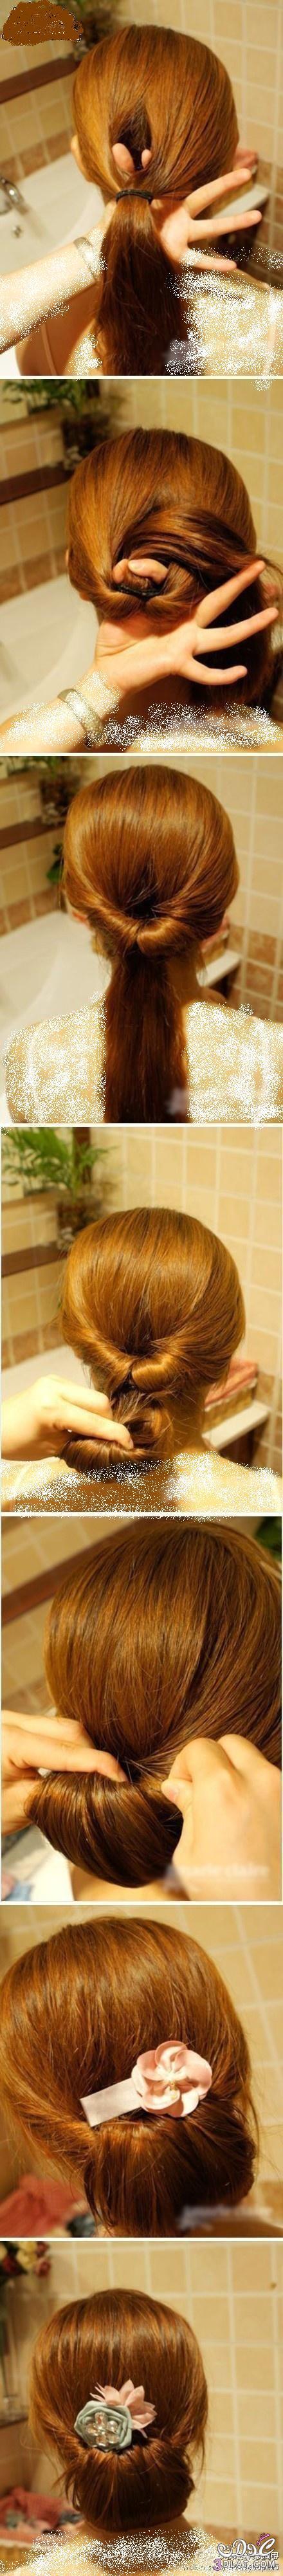 صور اجمل تسريحات الشعر للبنات